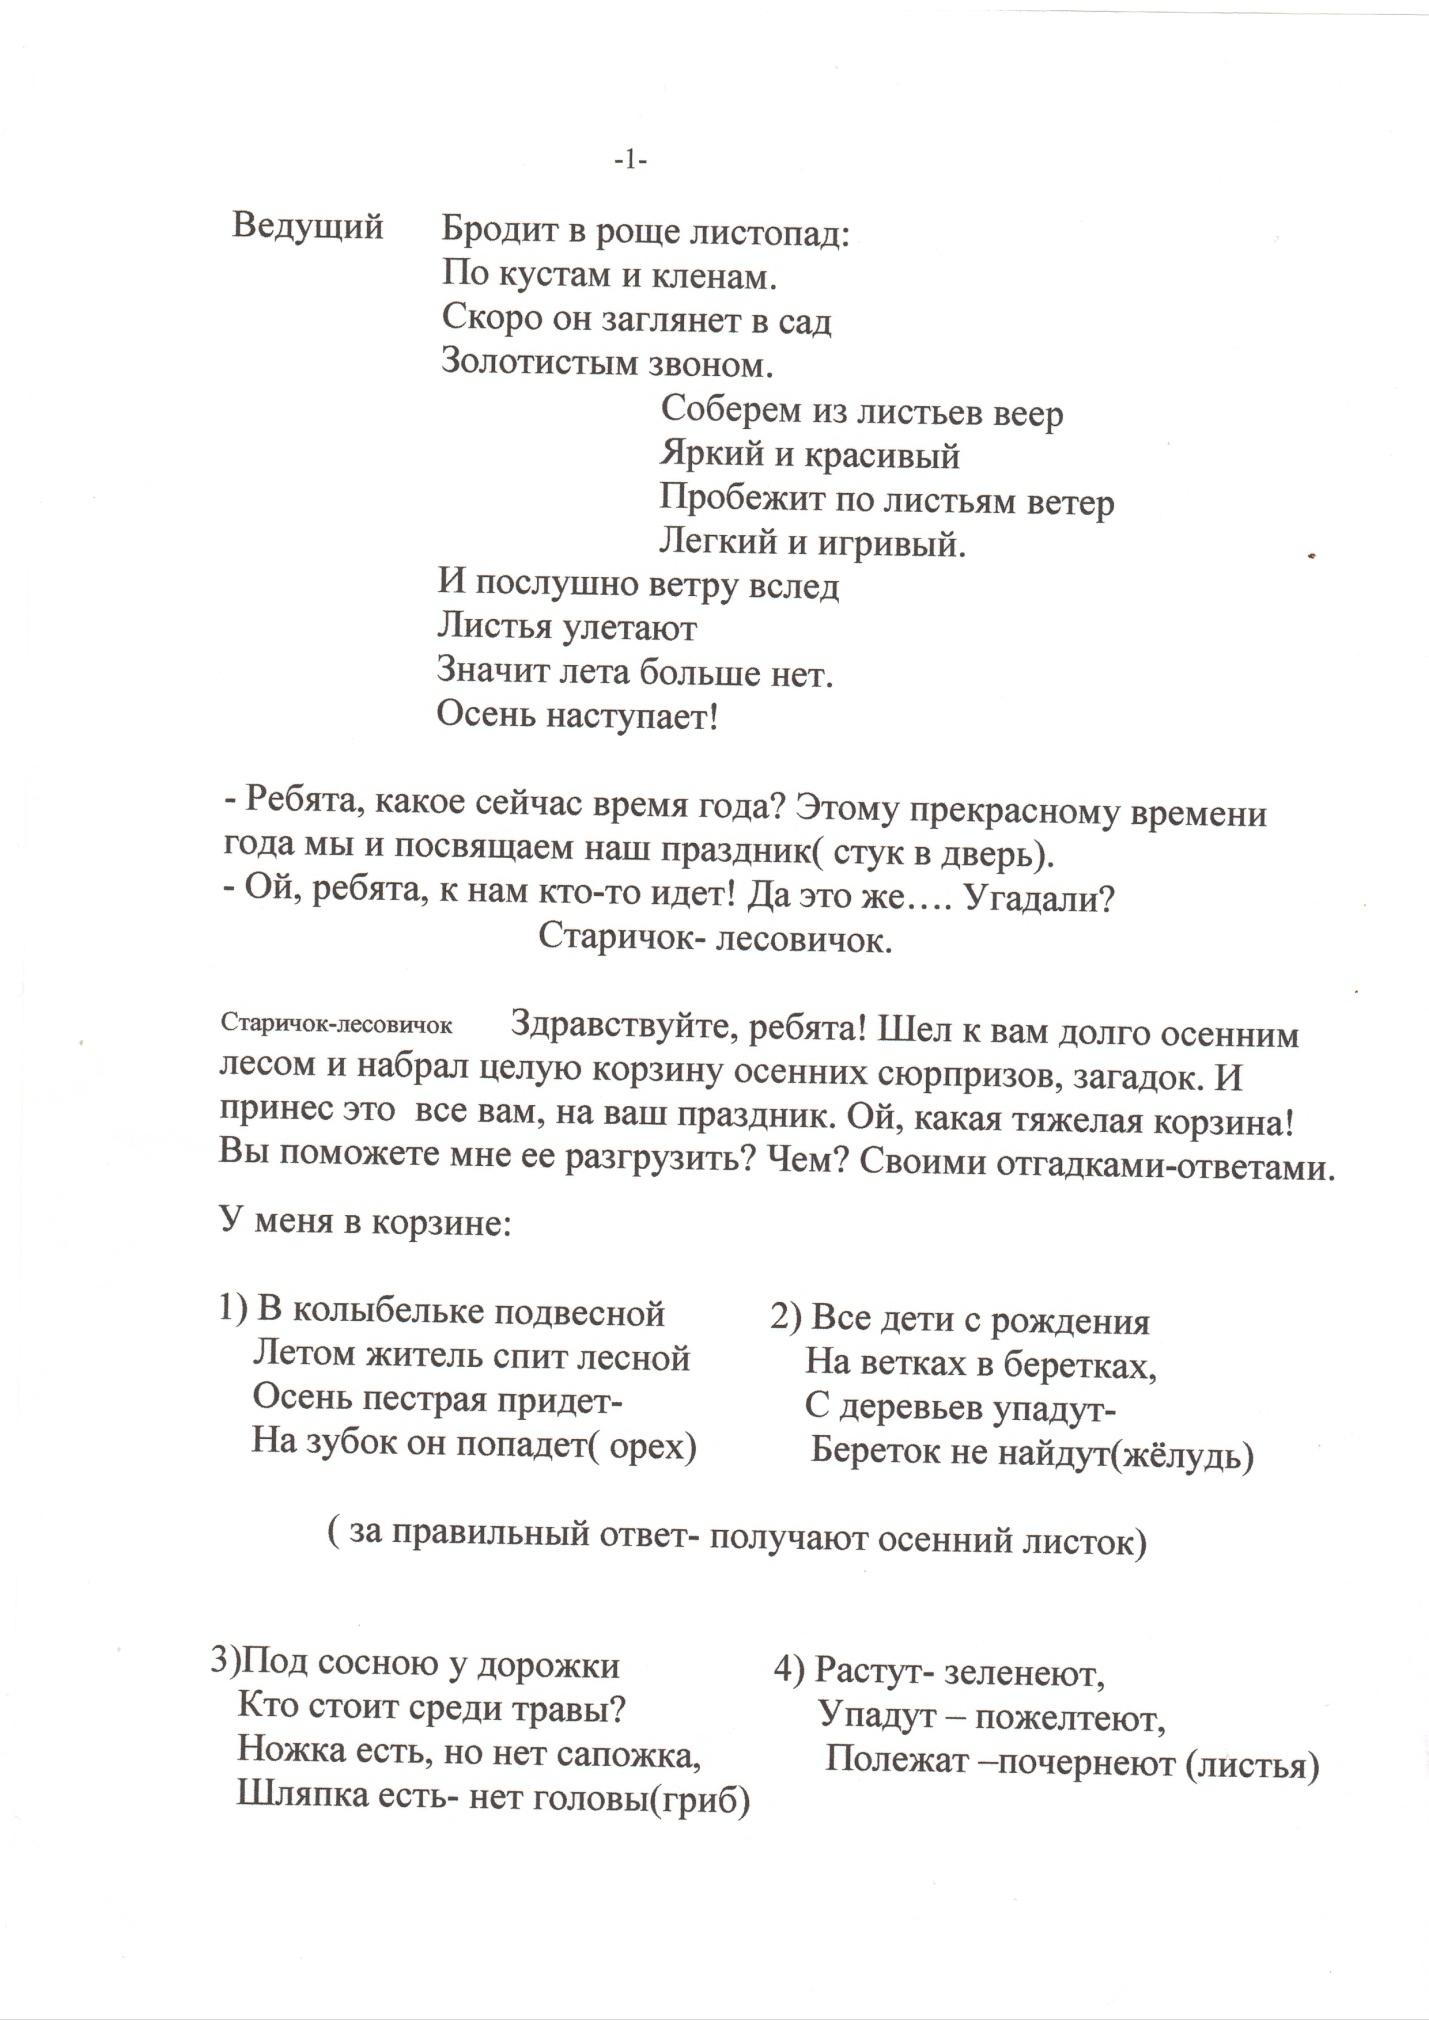 D:\Фото\ОСЕНЬ ПРАЗДНИК\Новая папка\020001.JPG